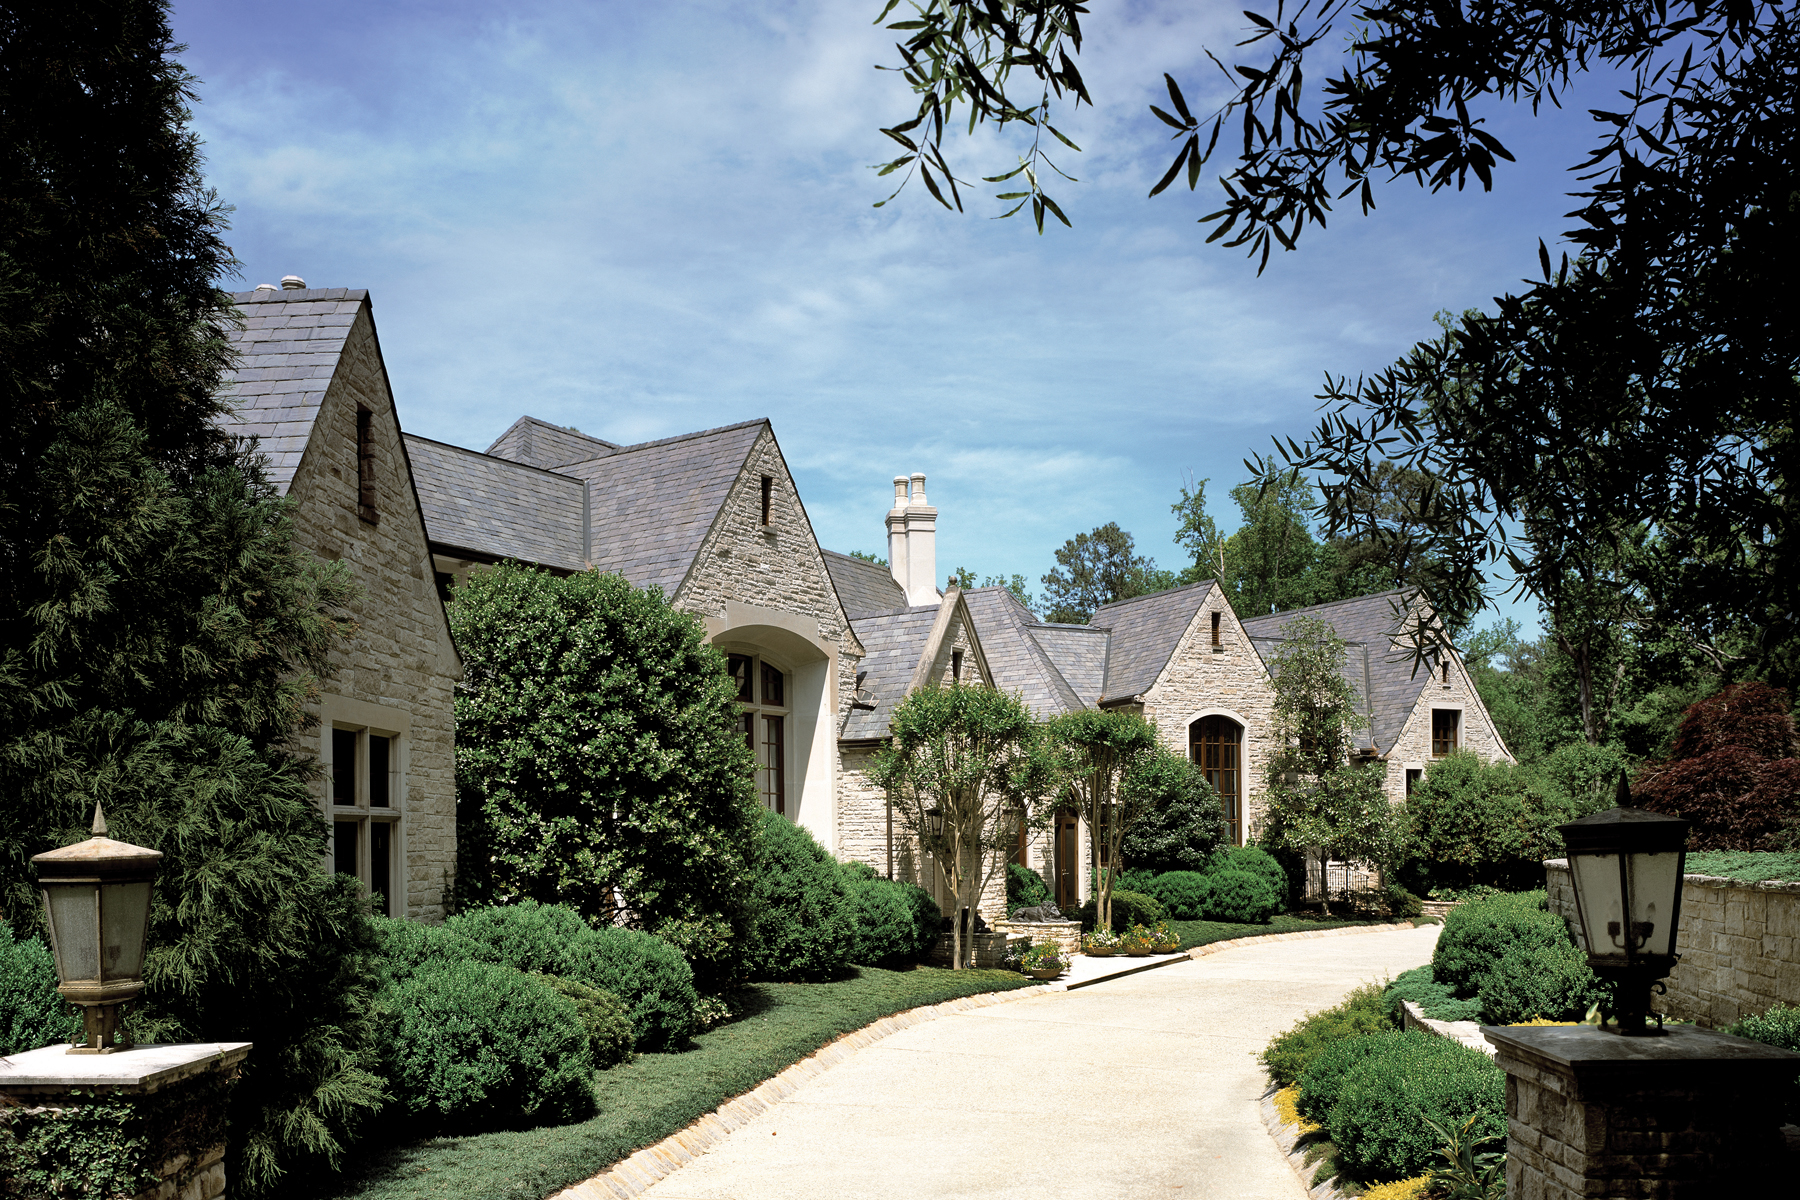 独户住宅 为 销售 在 Beautiful Custom Estate In Buckhead 2042 W Paces Ferry Road 亚特兰大, 乔治亚州, 30327 美国